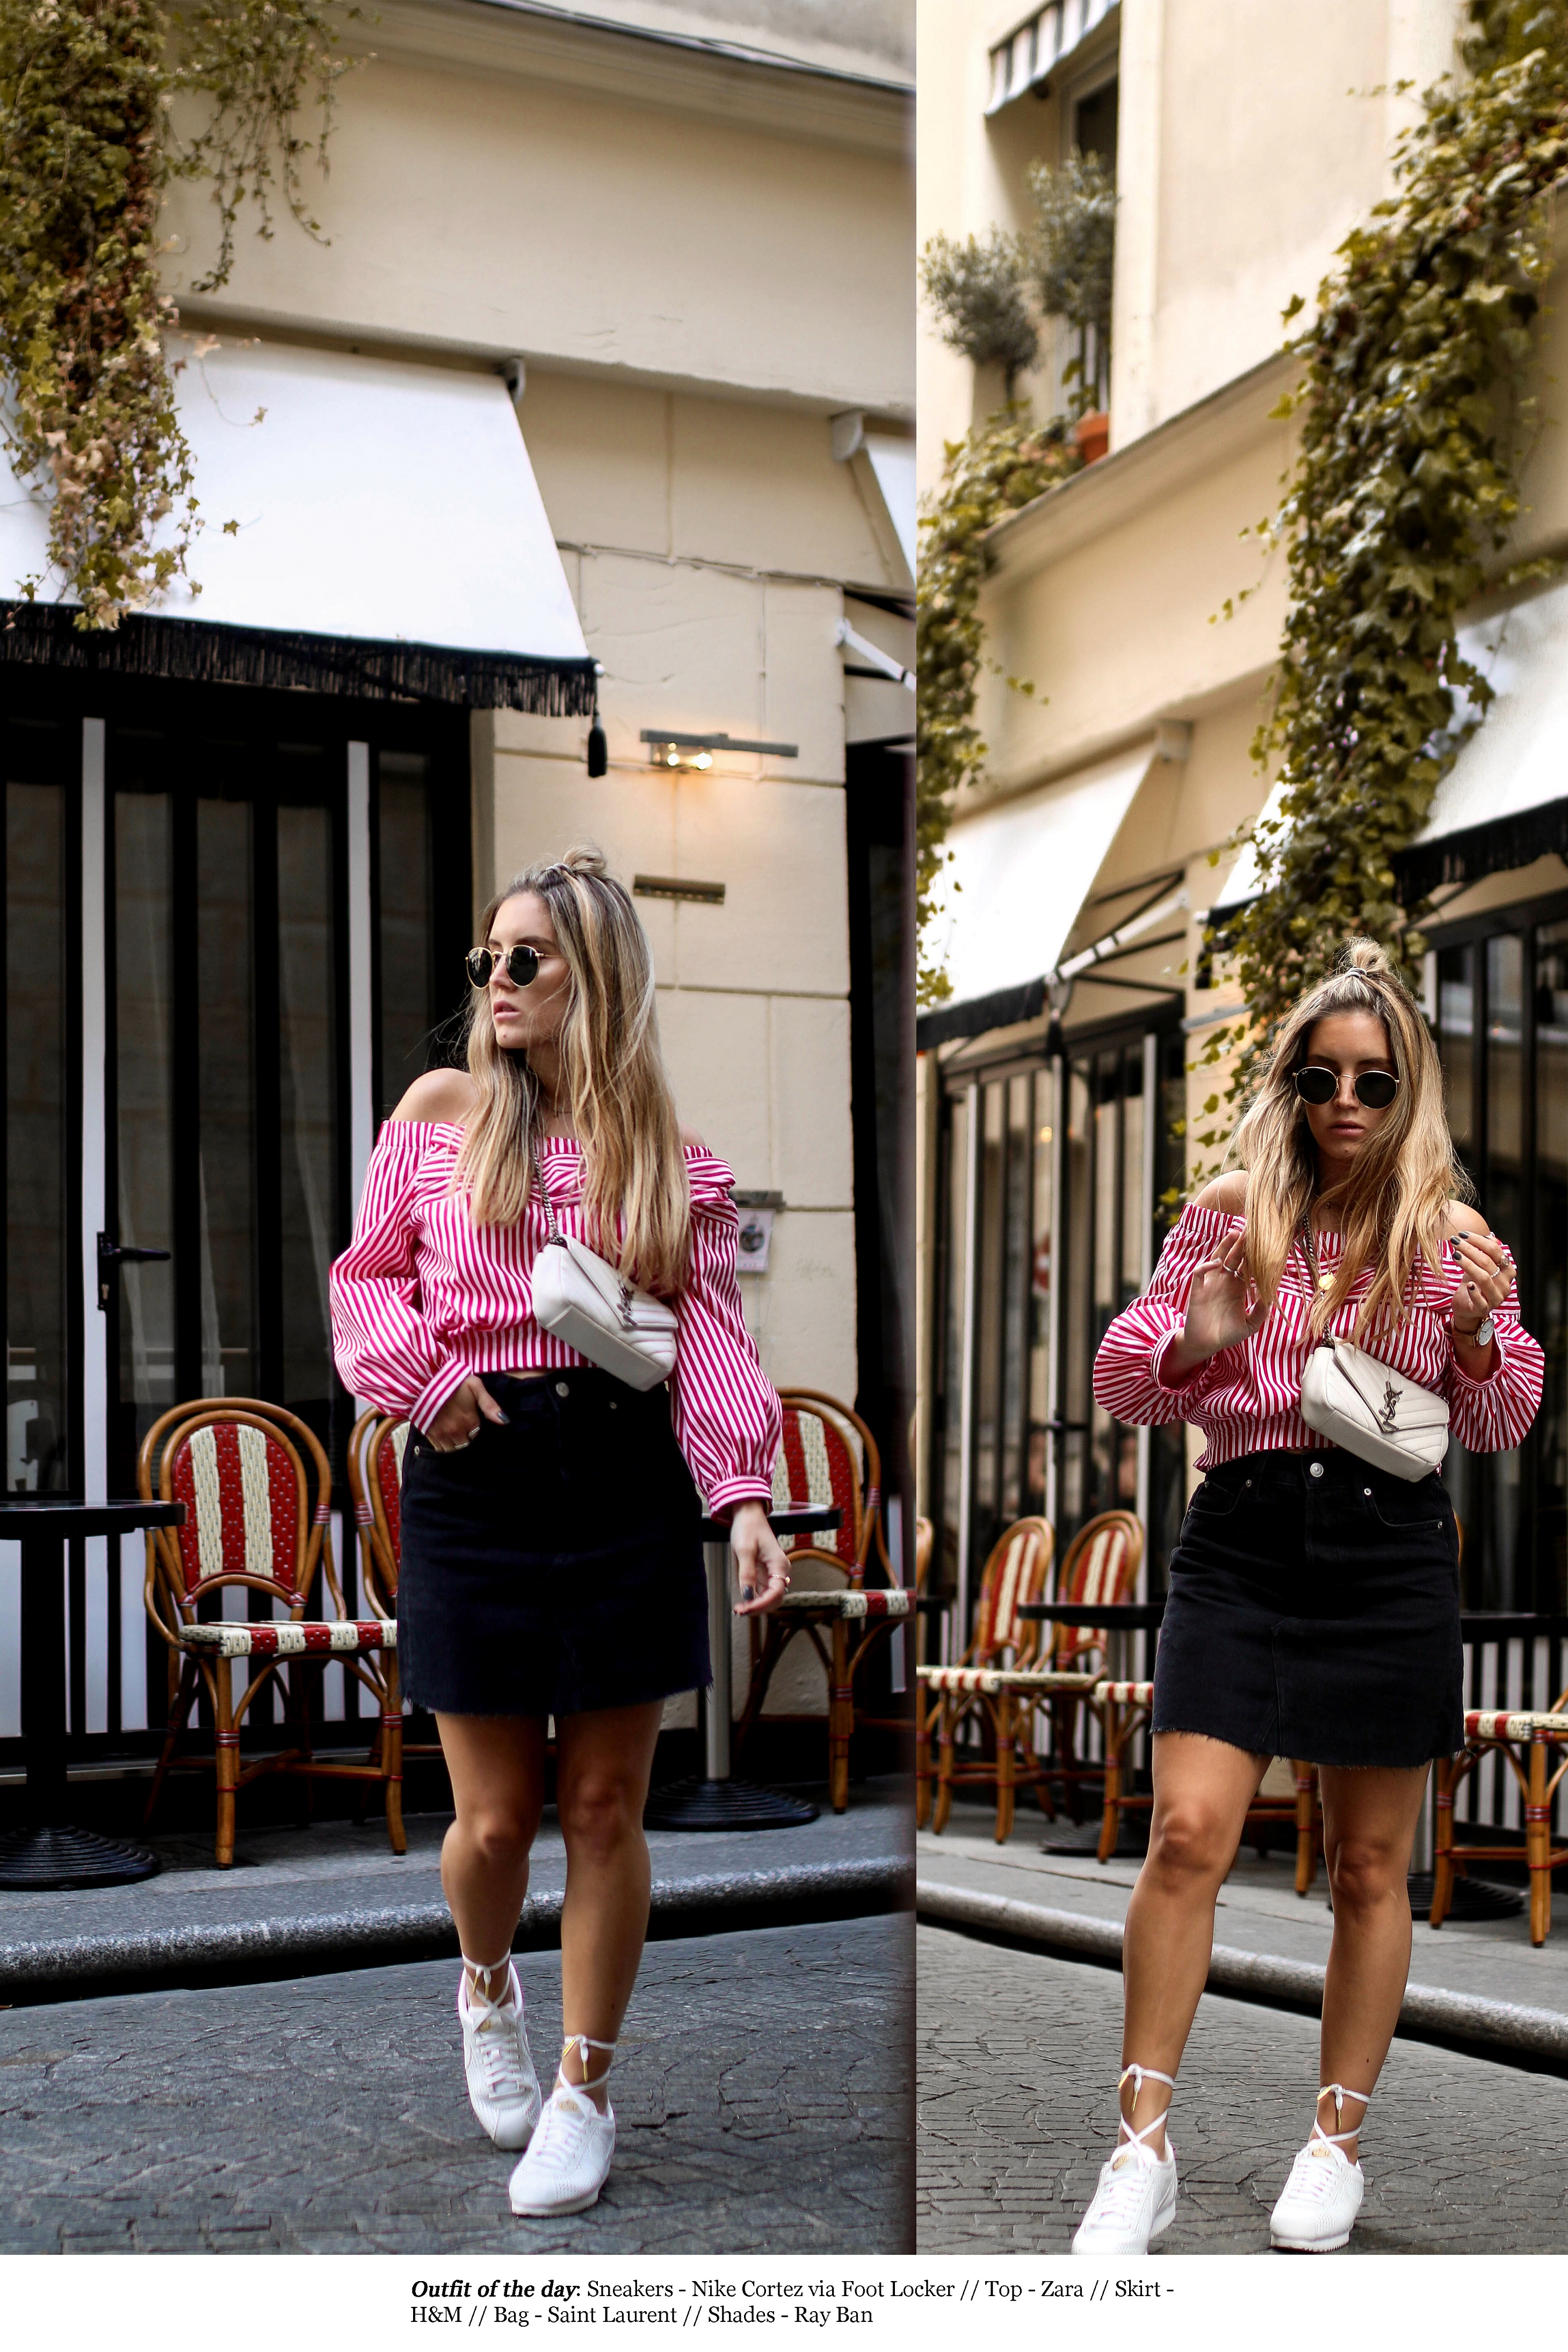 nike cortez sneakers paris streetstyle saint laurent bag fashion blog outfit pinterest